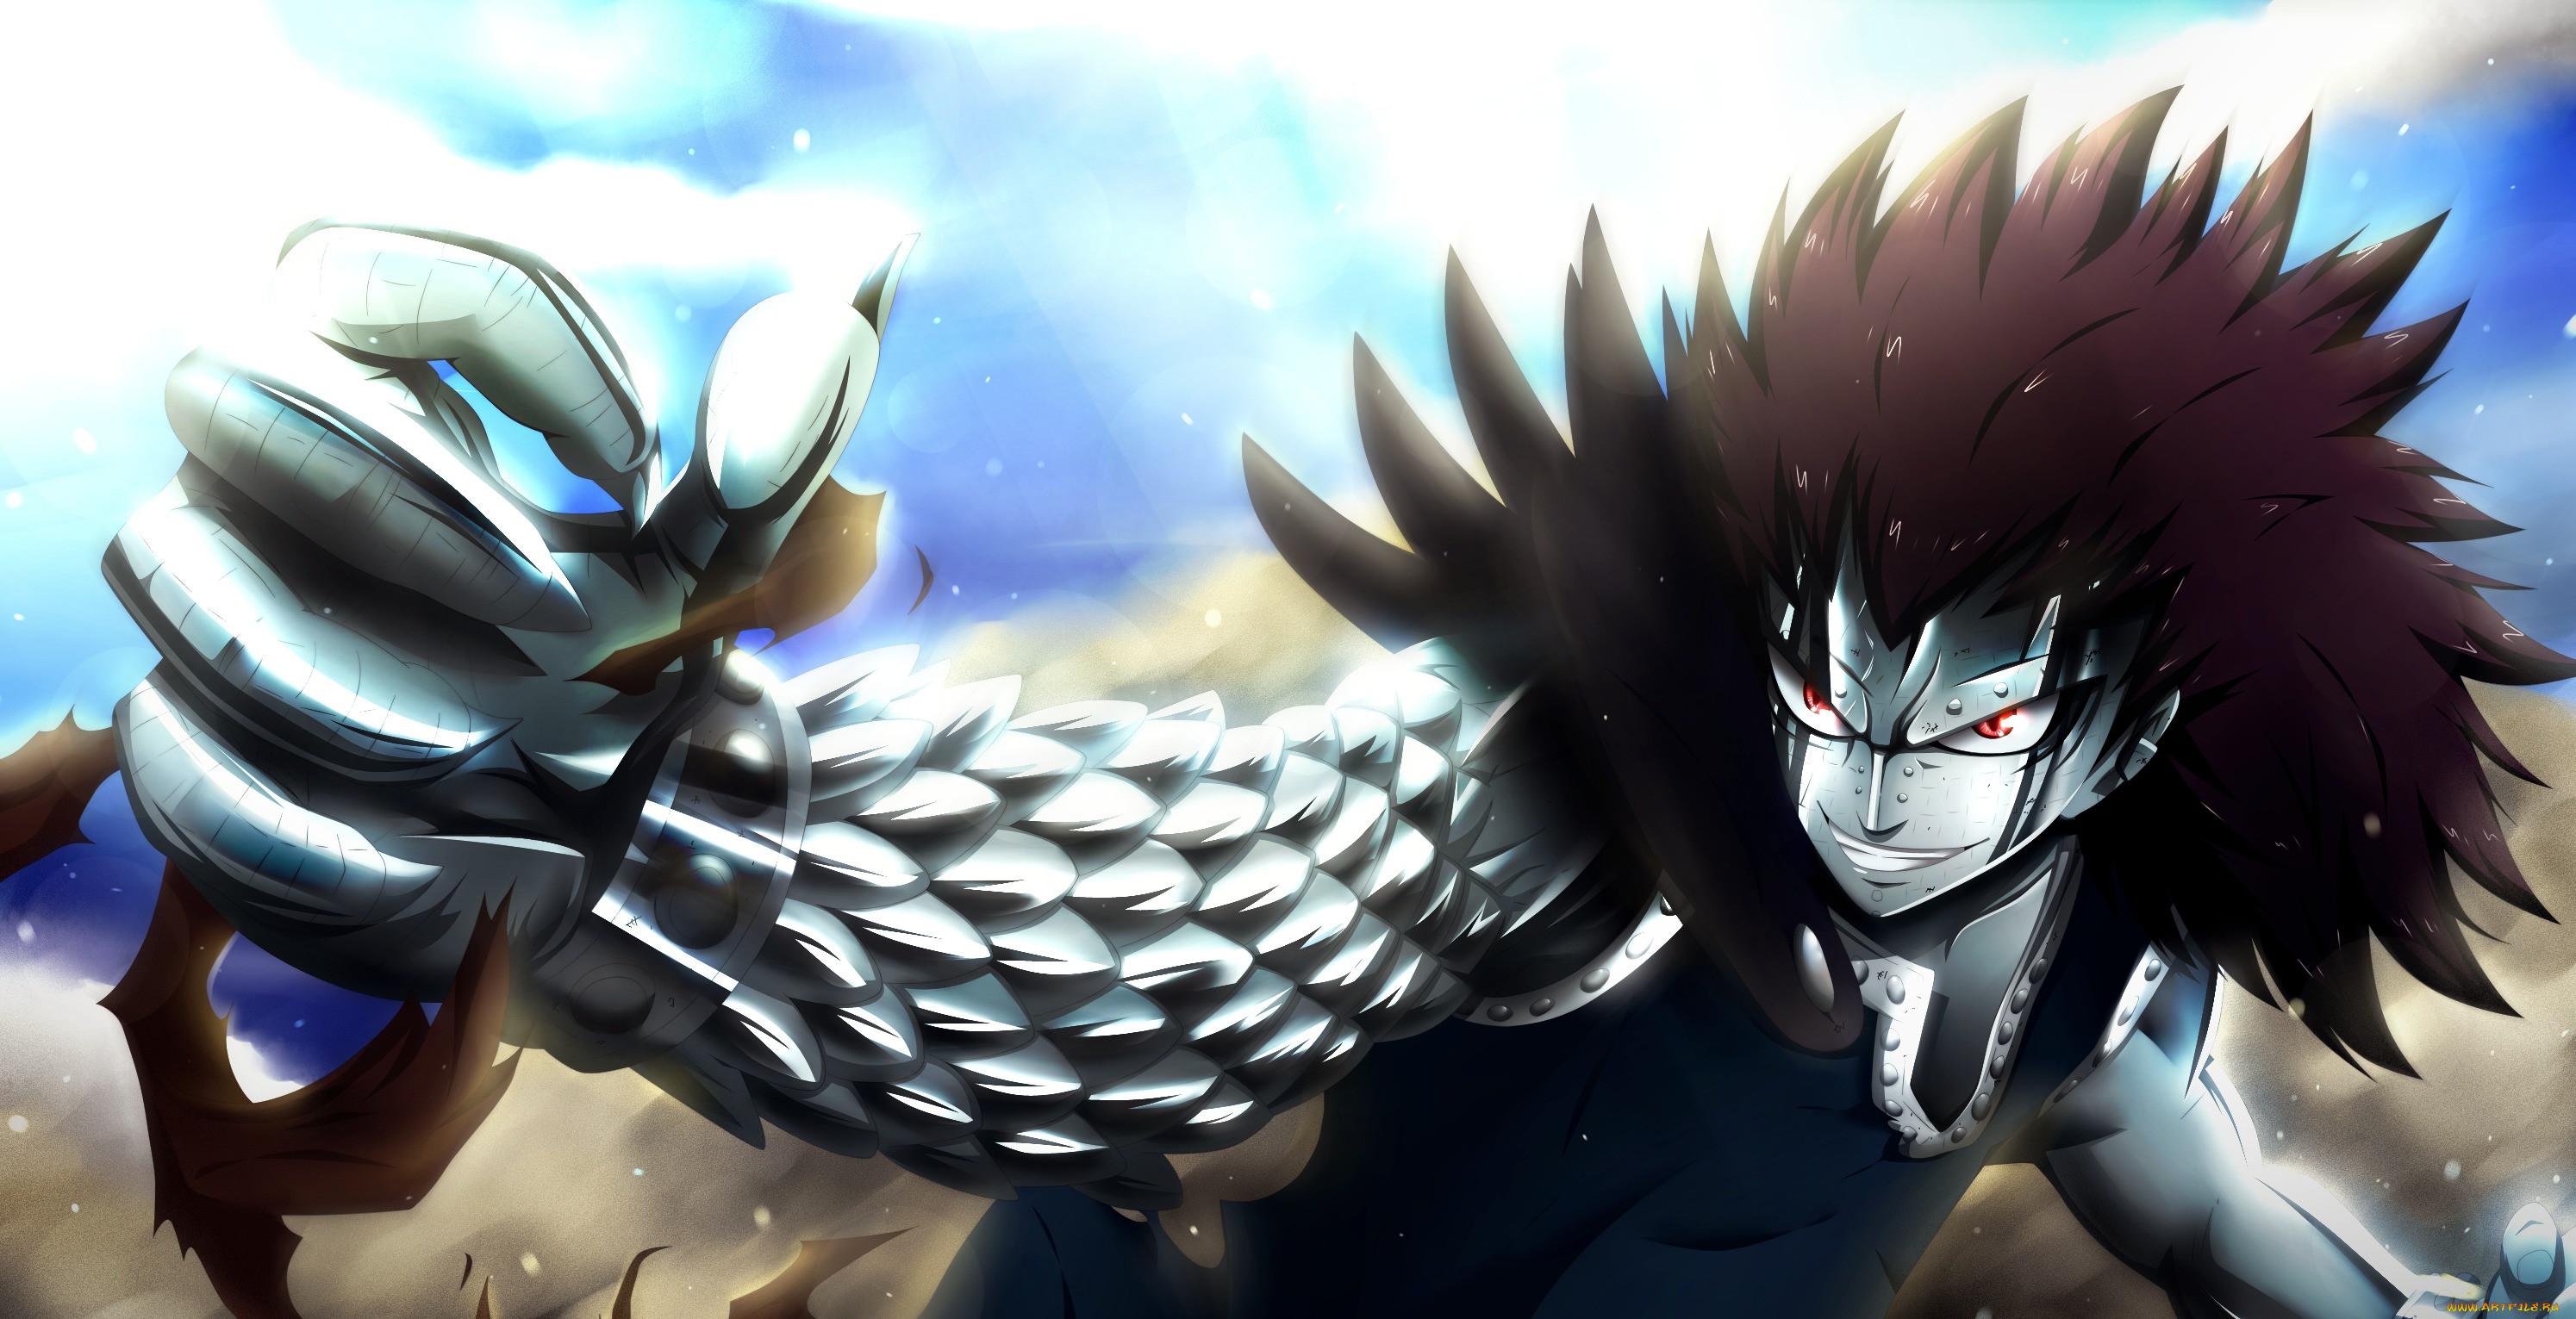 картинки железного дракона из хвоста феи закажете